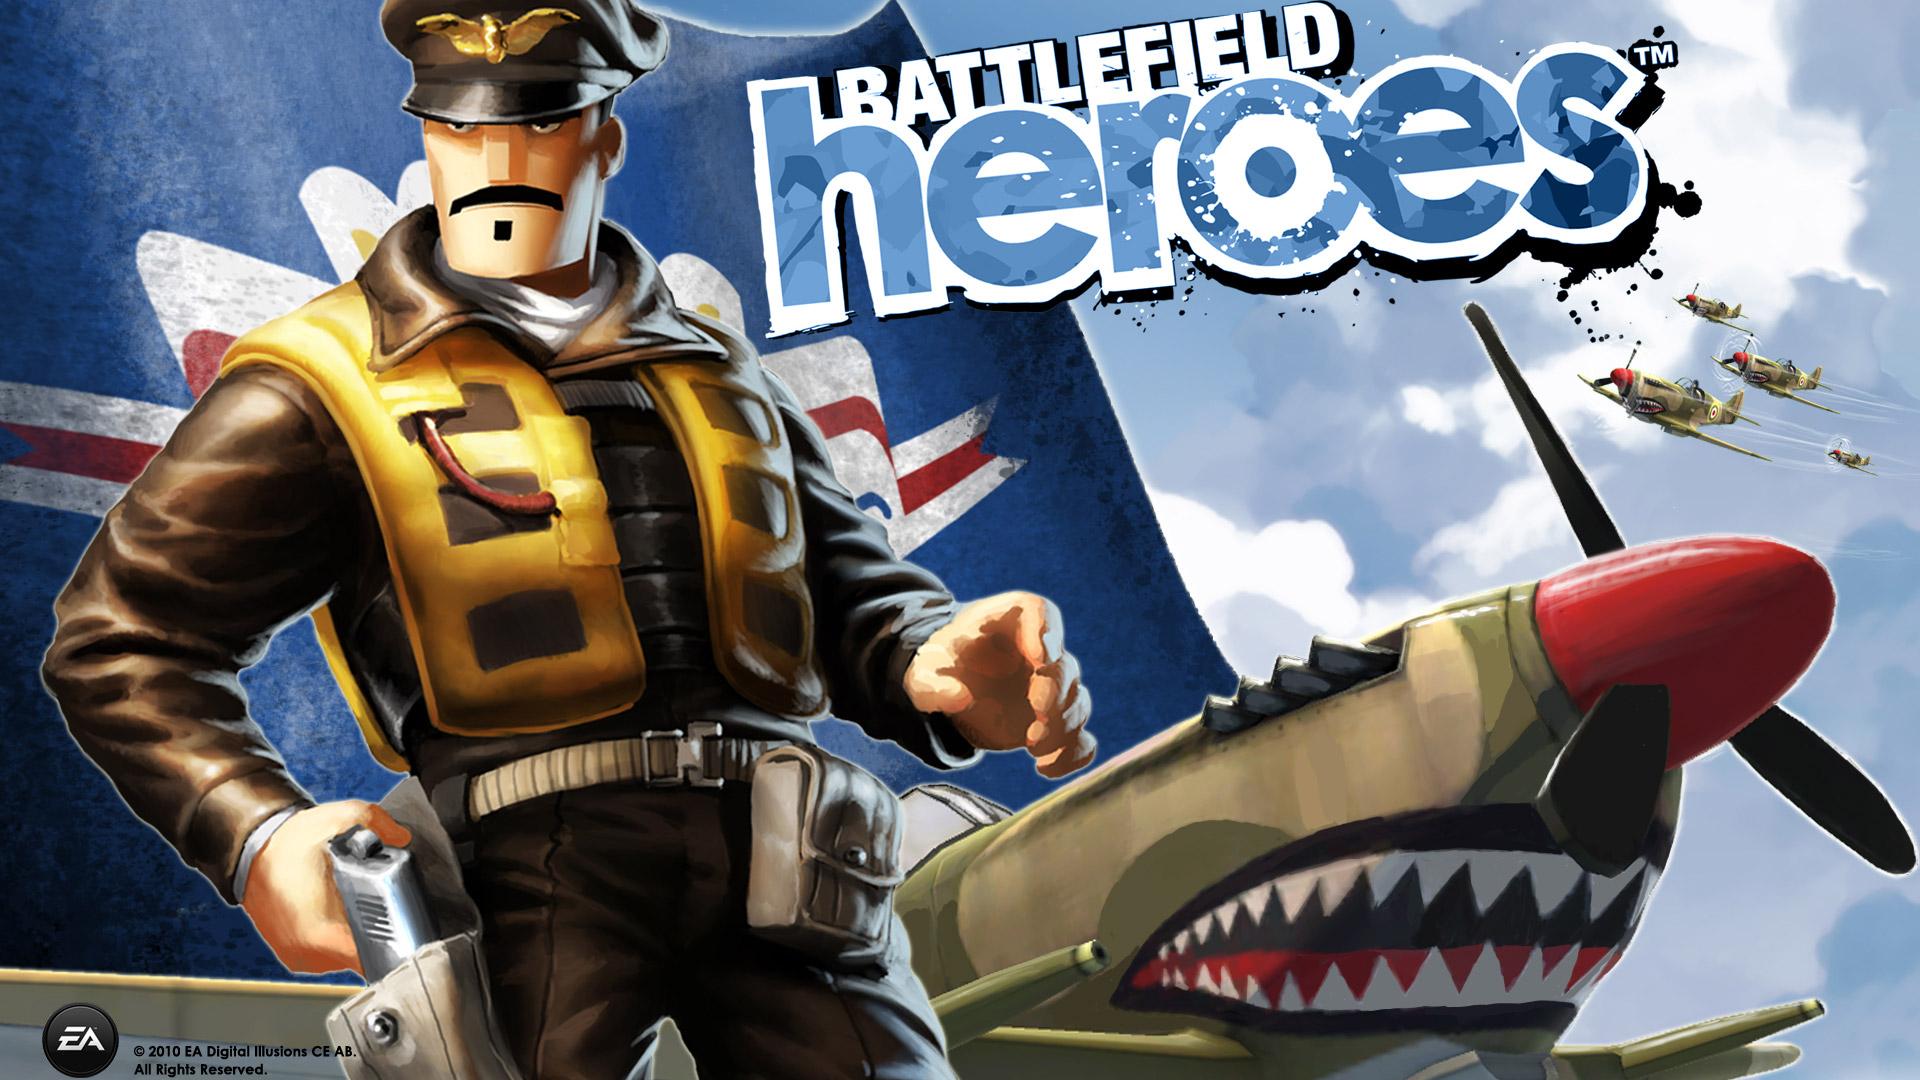 Free Battlefield Heroes Wallpaper in 1920x1080